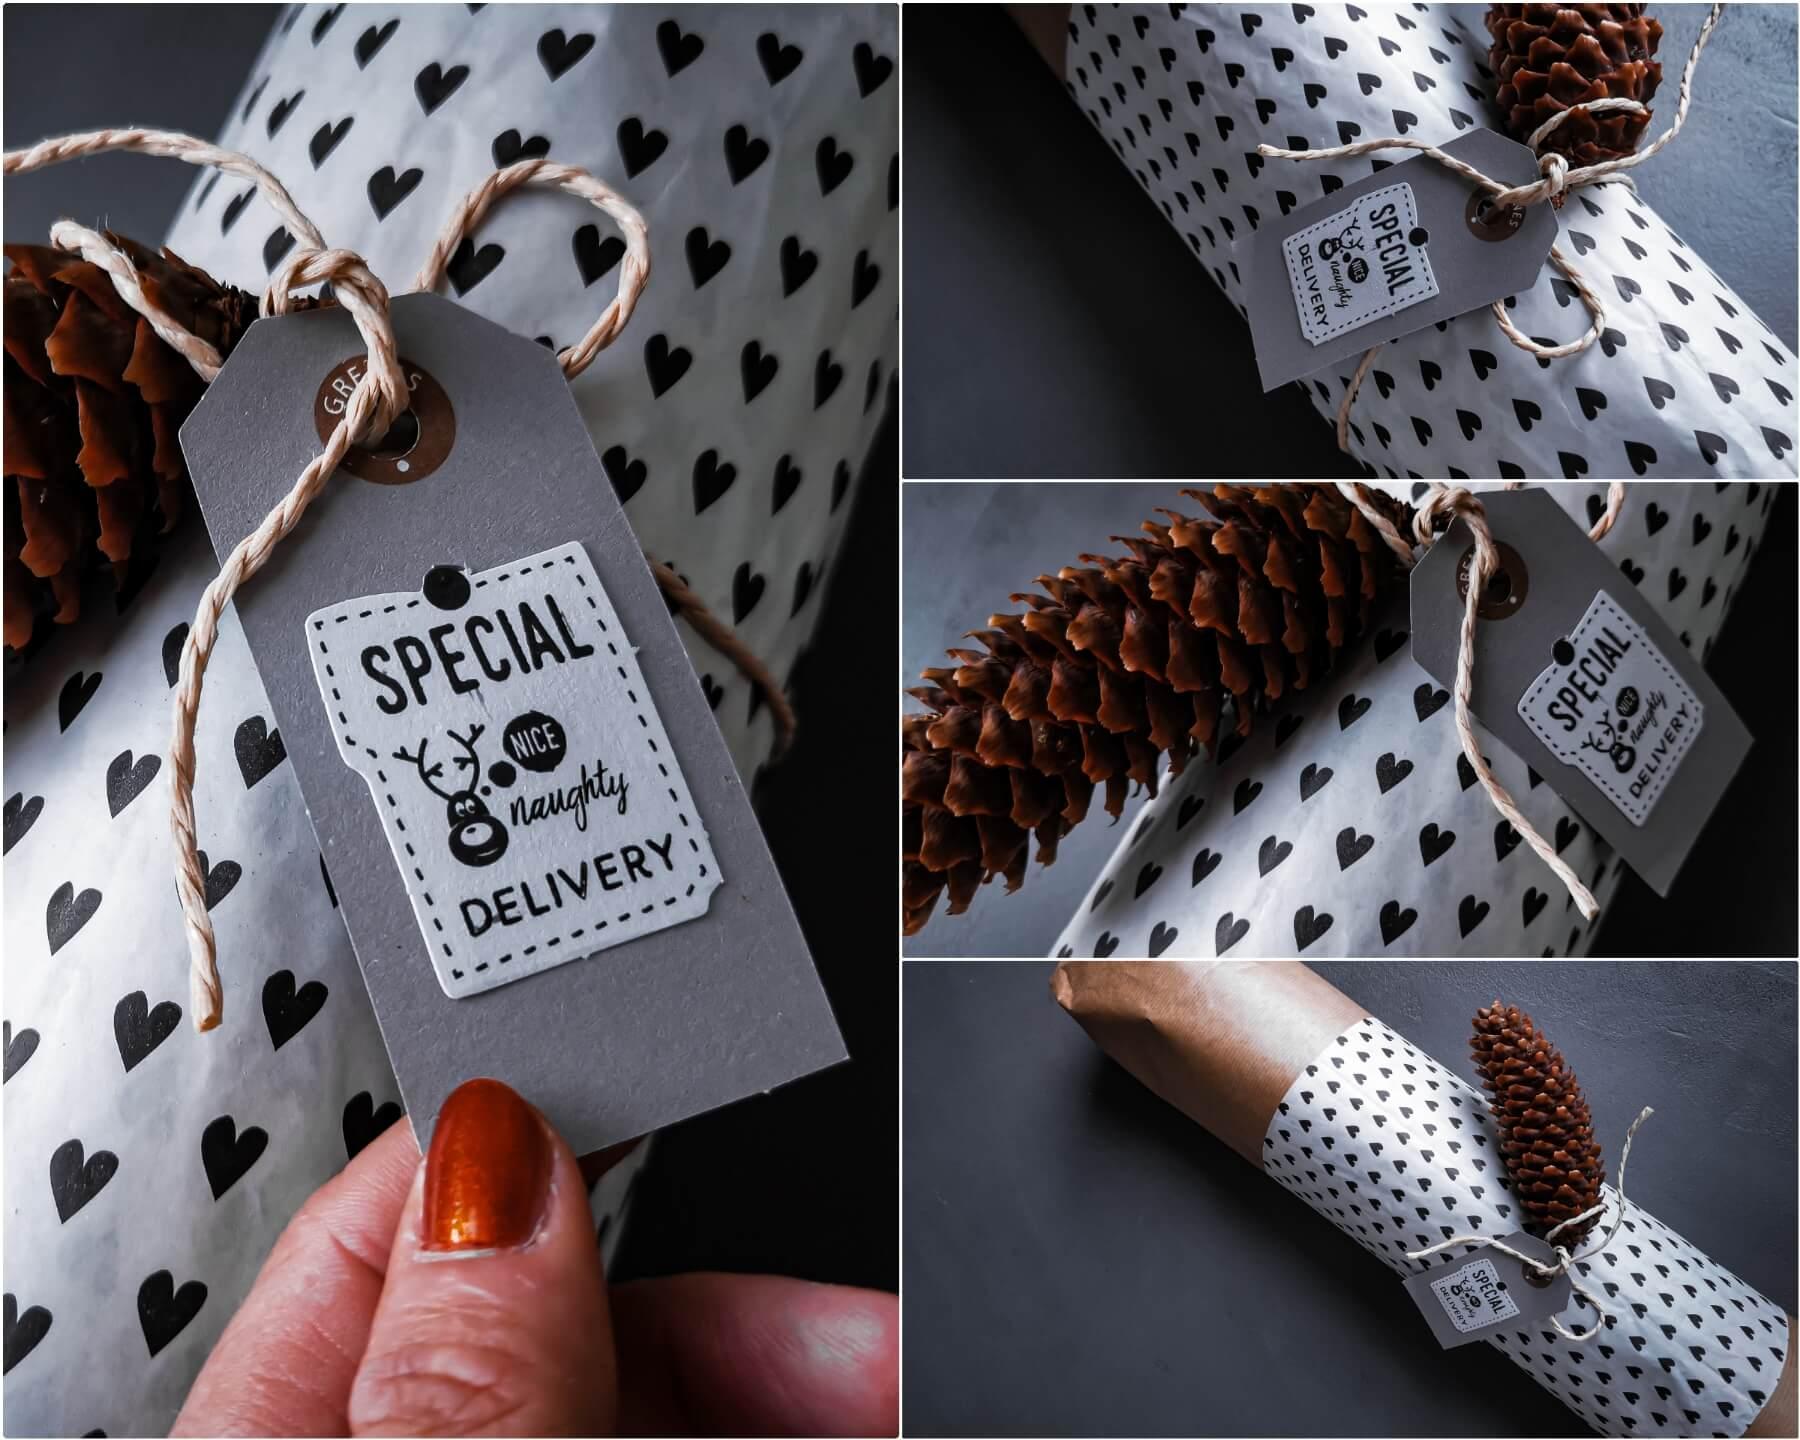 inCollage 20191208 170532300 resized 20191208 050952885 - 11 tipov ako zabaliť vianočné darčeky originálne a kreatívne